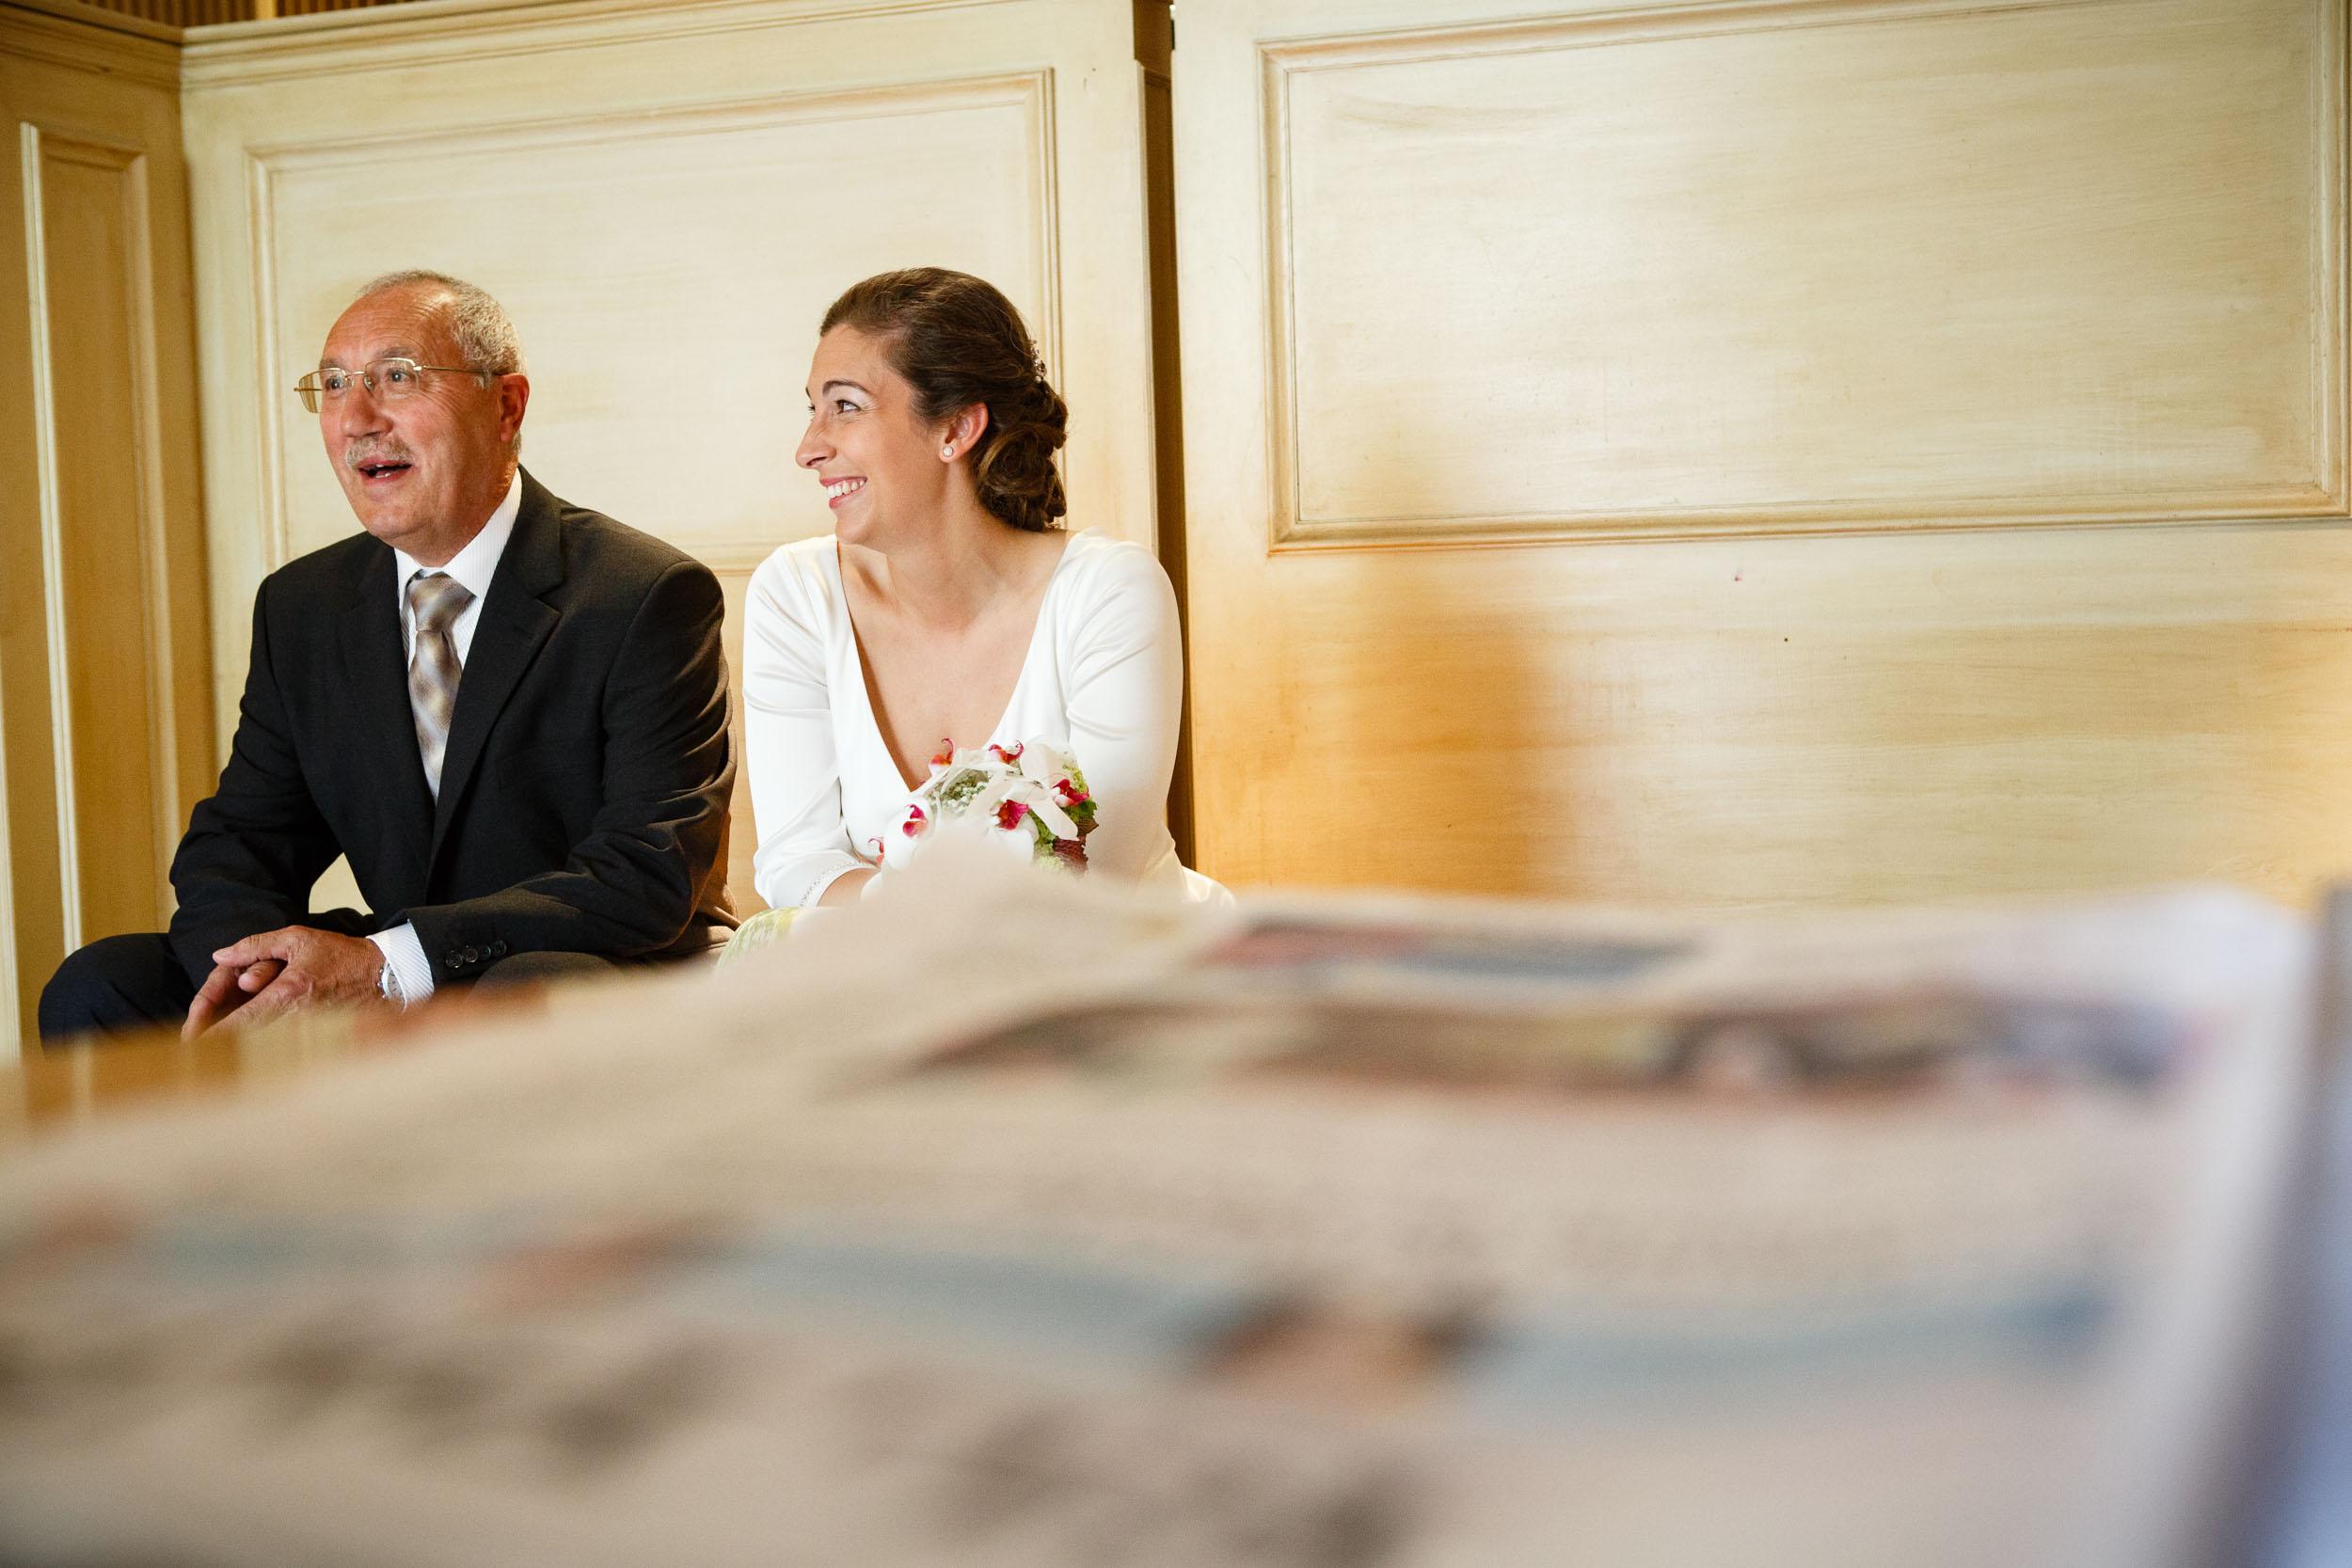 23/6/12 Boda de Ruth y Javier, Ayuntamiento de Ezcaray y Hotel Echaurren, Ezcaray, La Rioja, España. Foto: James Sturcke Fotografía | www.sturcke.org